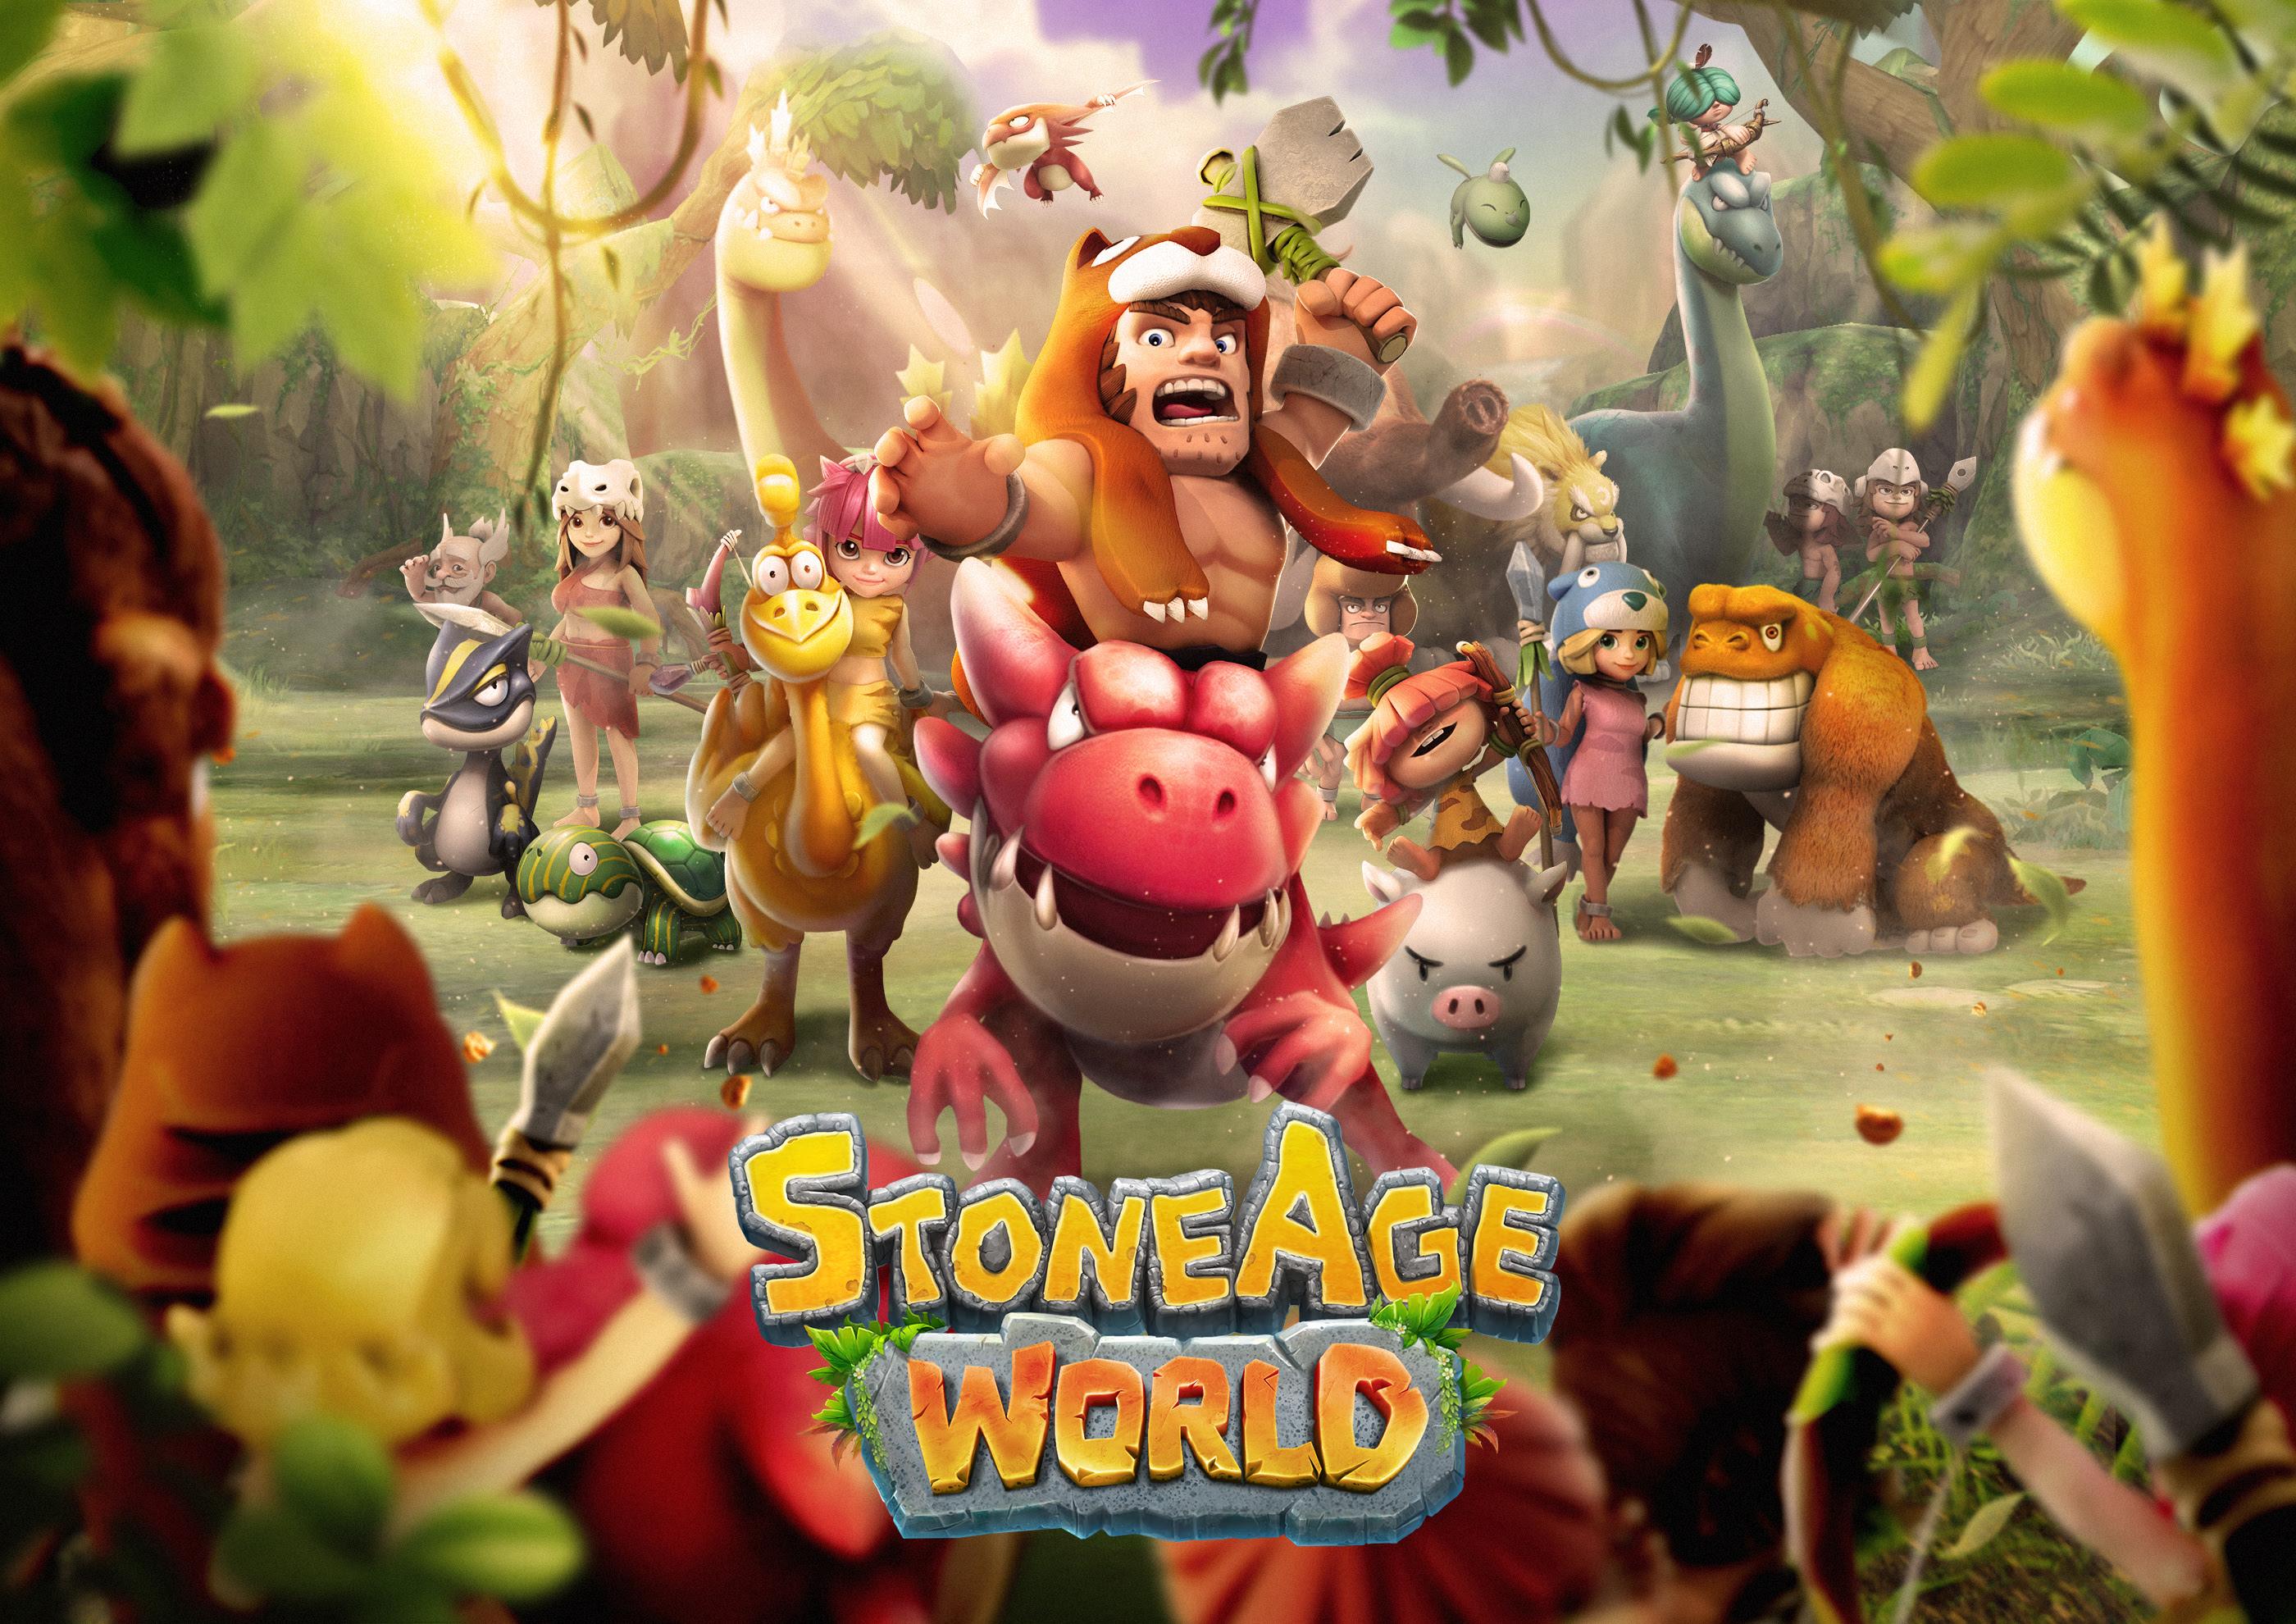 StoneAge World ile tarih öncesi çağlarda heyecan devam ediyor